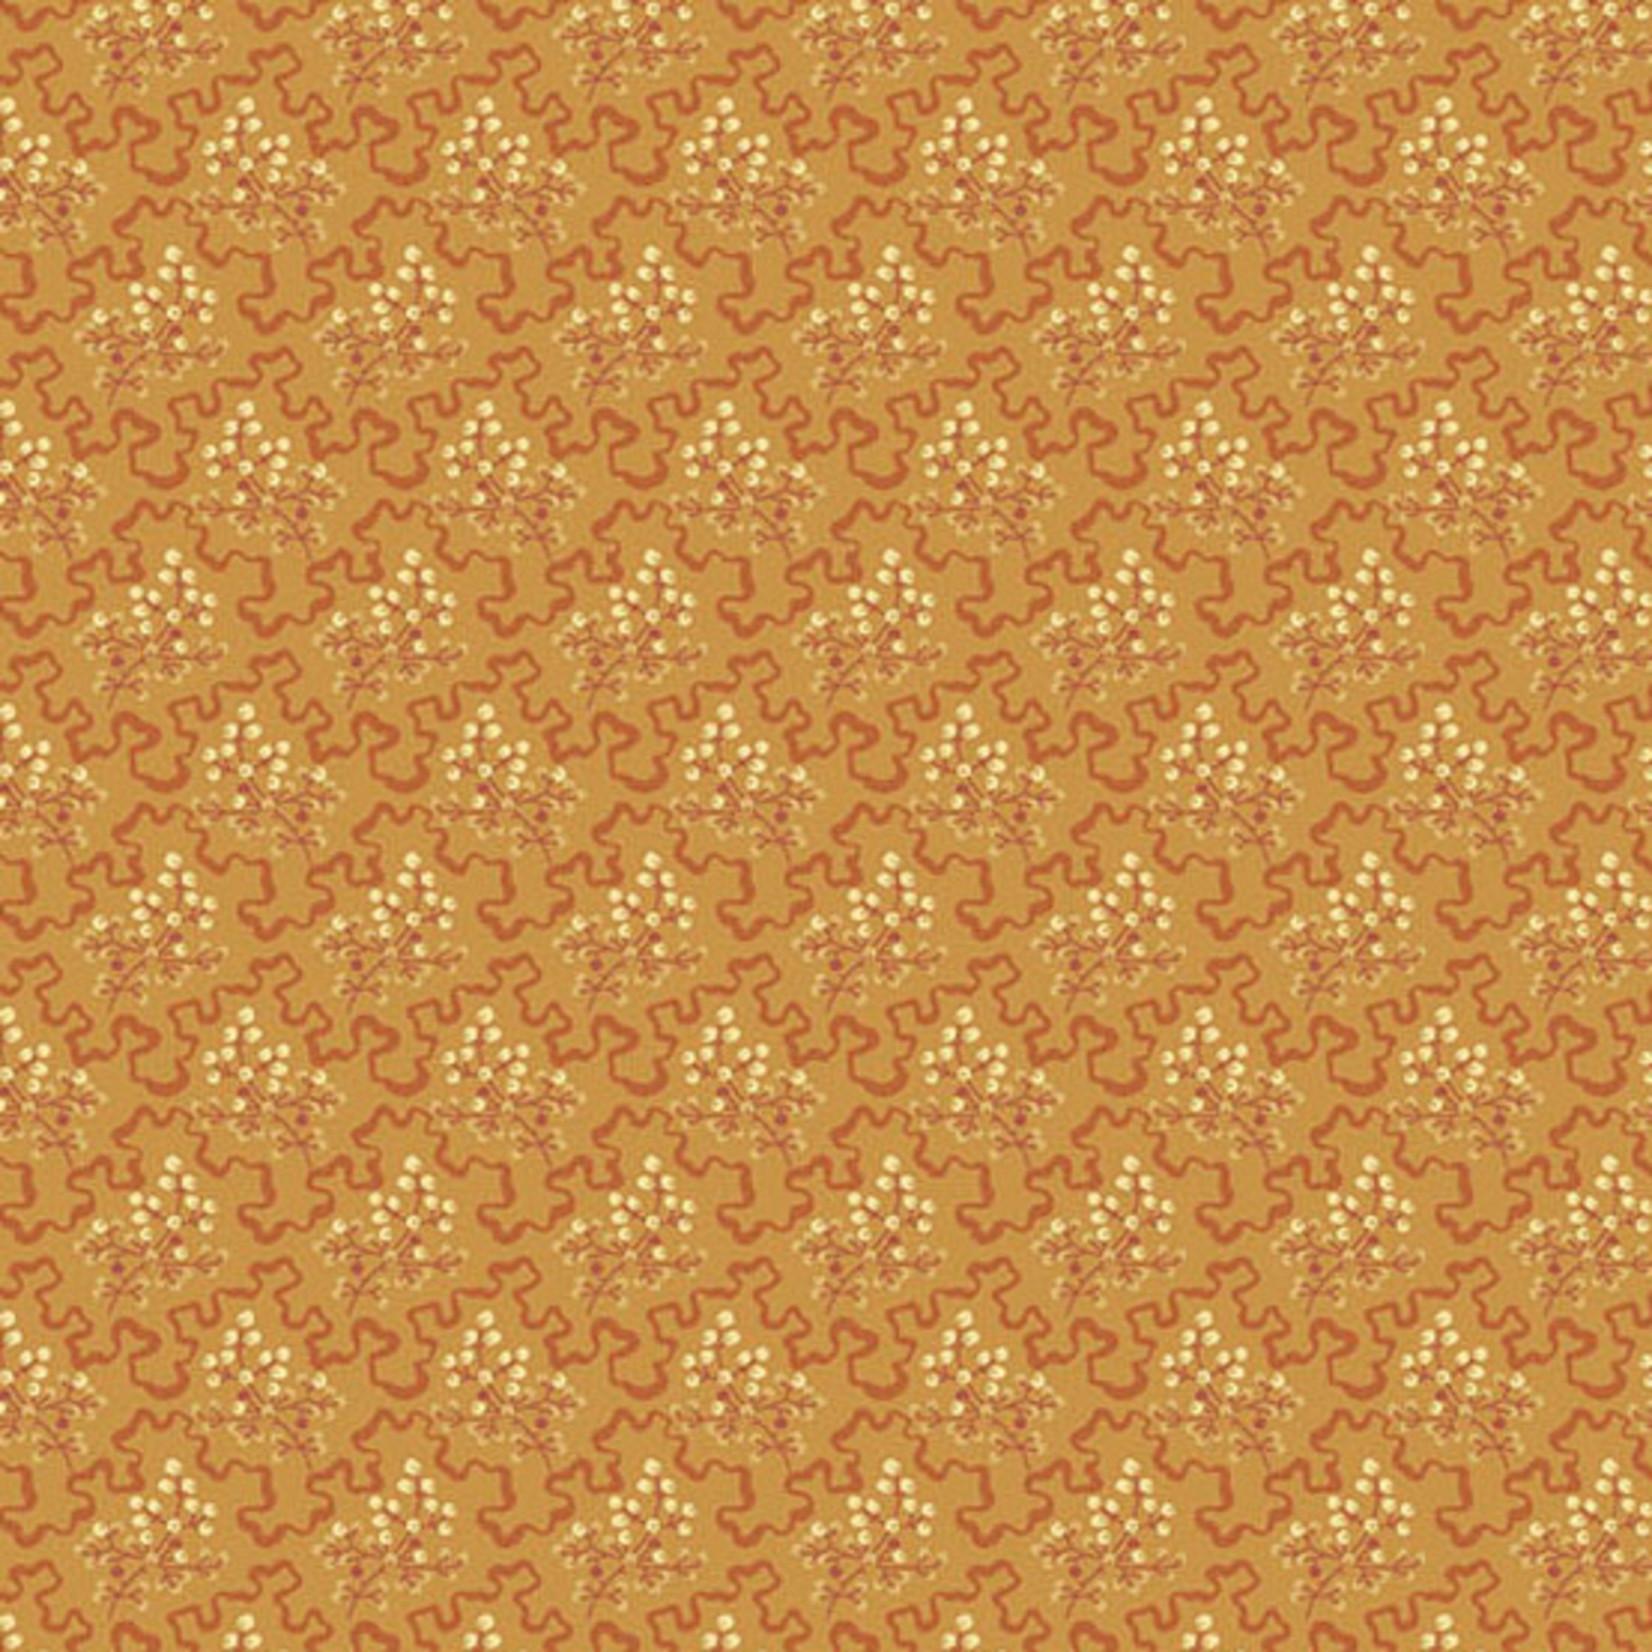 Edyta Sitar Secret Stash - Warms, Elderberry, Orange (8619-O) $0.20 per cm or $20/m